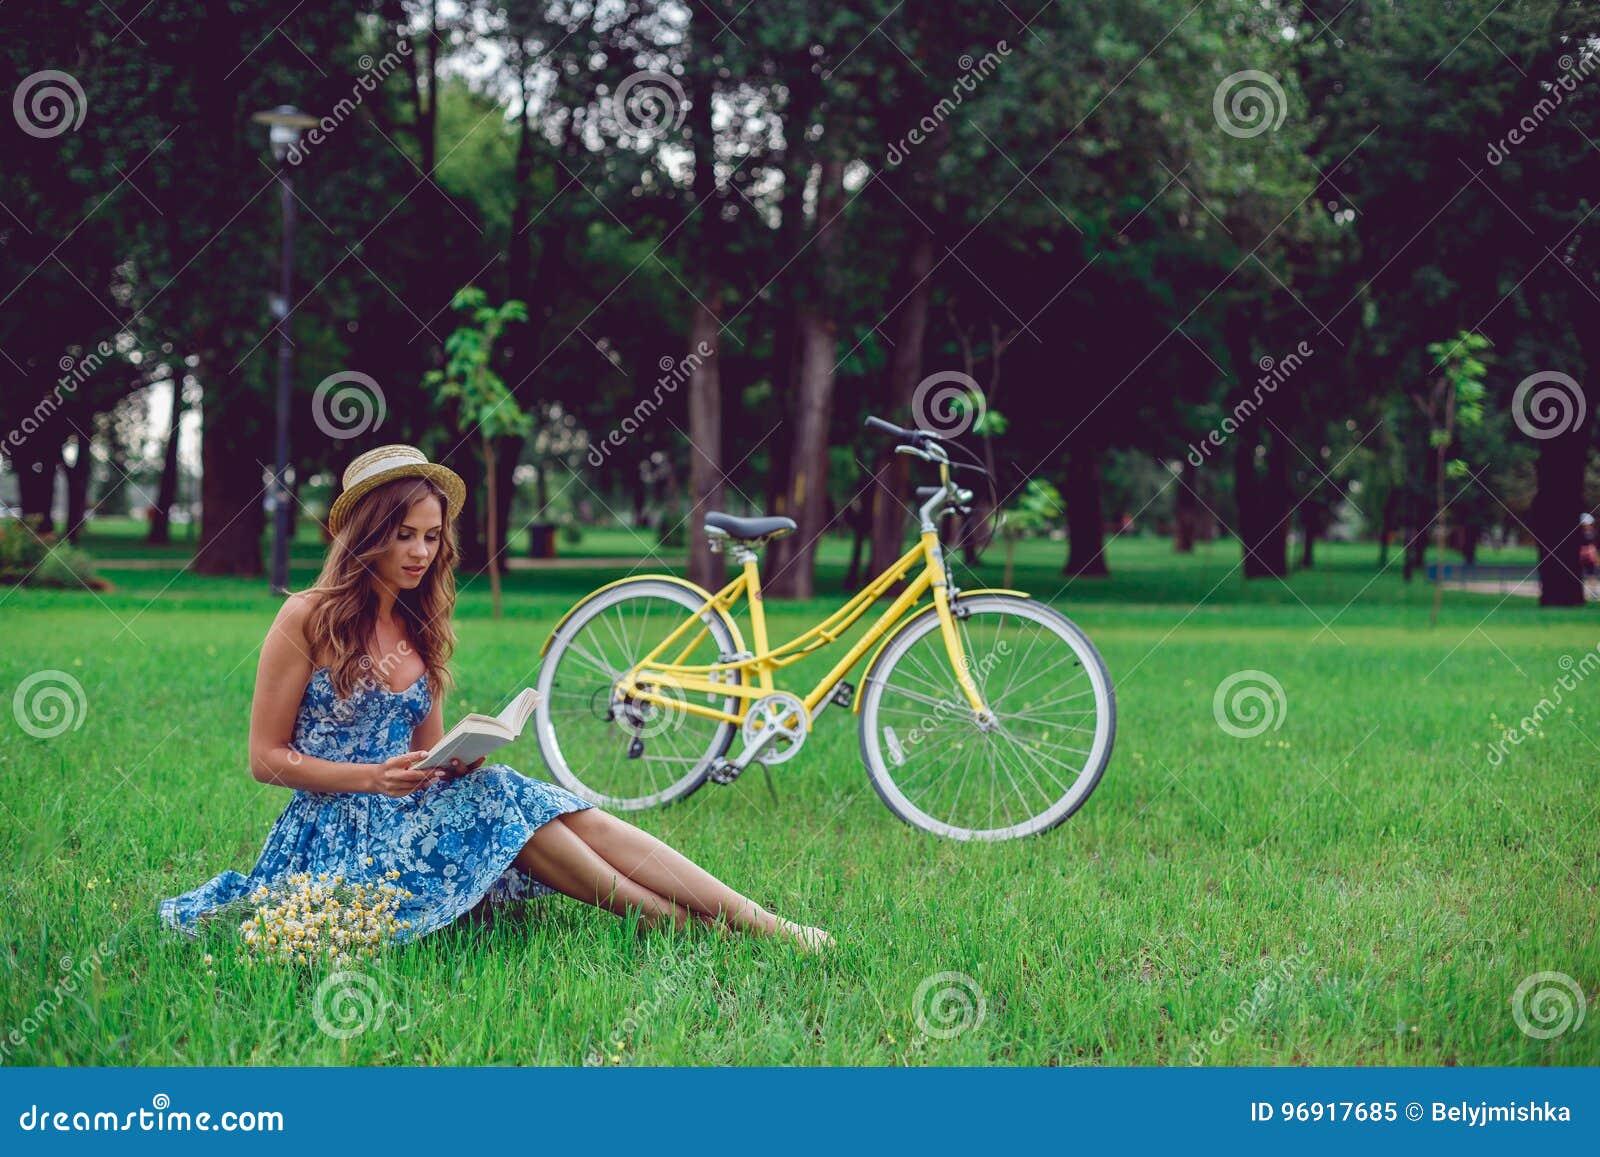 Relaxamento fêmea novo em uma grama verde com bicicleta em um parque em um dia ensolarado